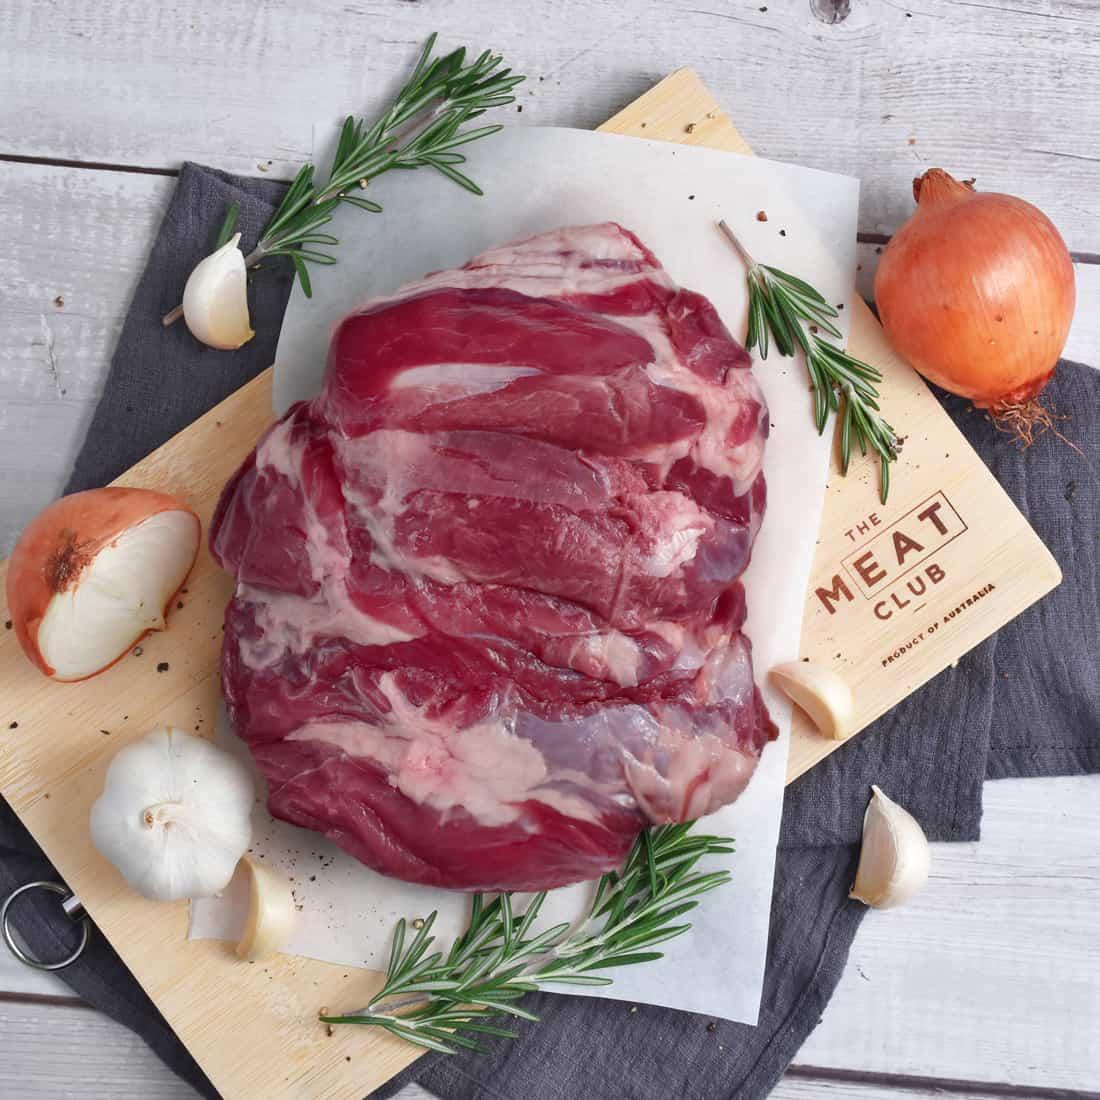 Lamb leg butterflied The Meat Club